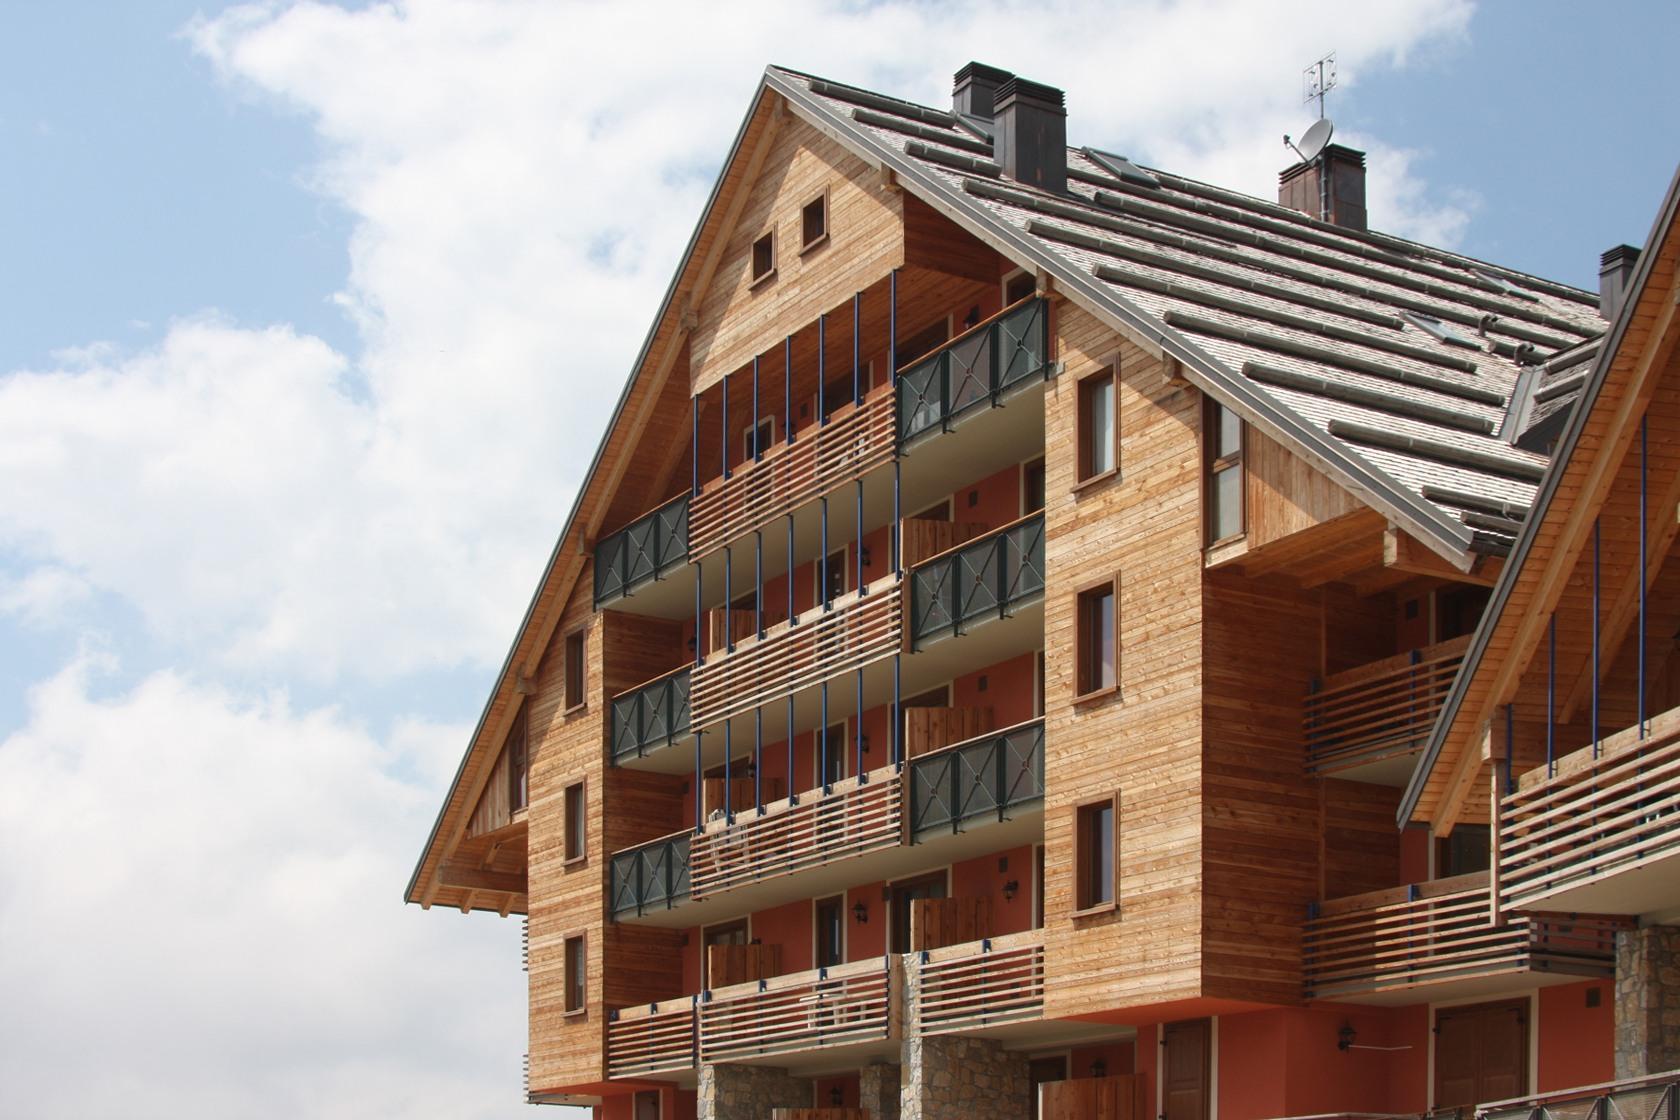 Stalle lunghe edifici residenziali l7 l8 l9 l10 for Progettazione di edifici residenziali